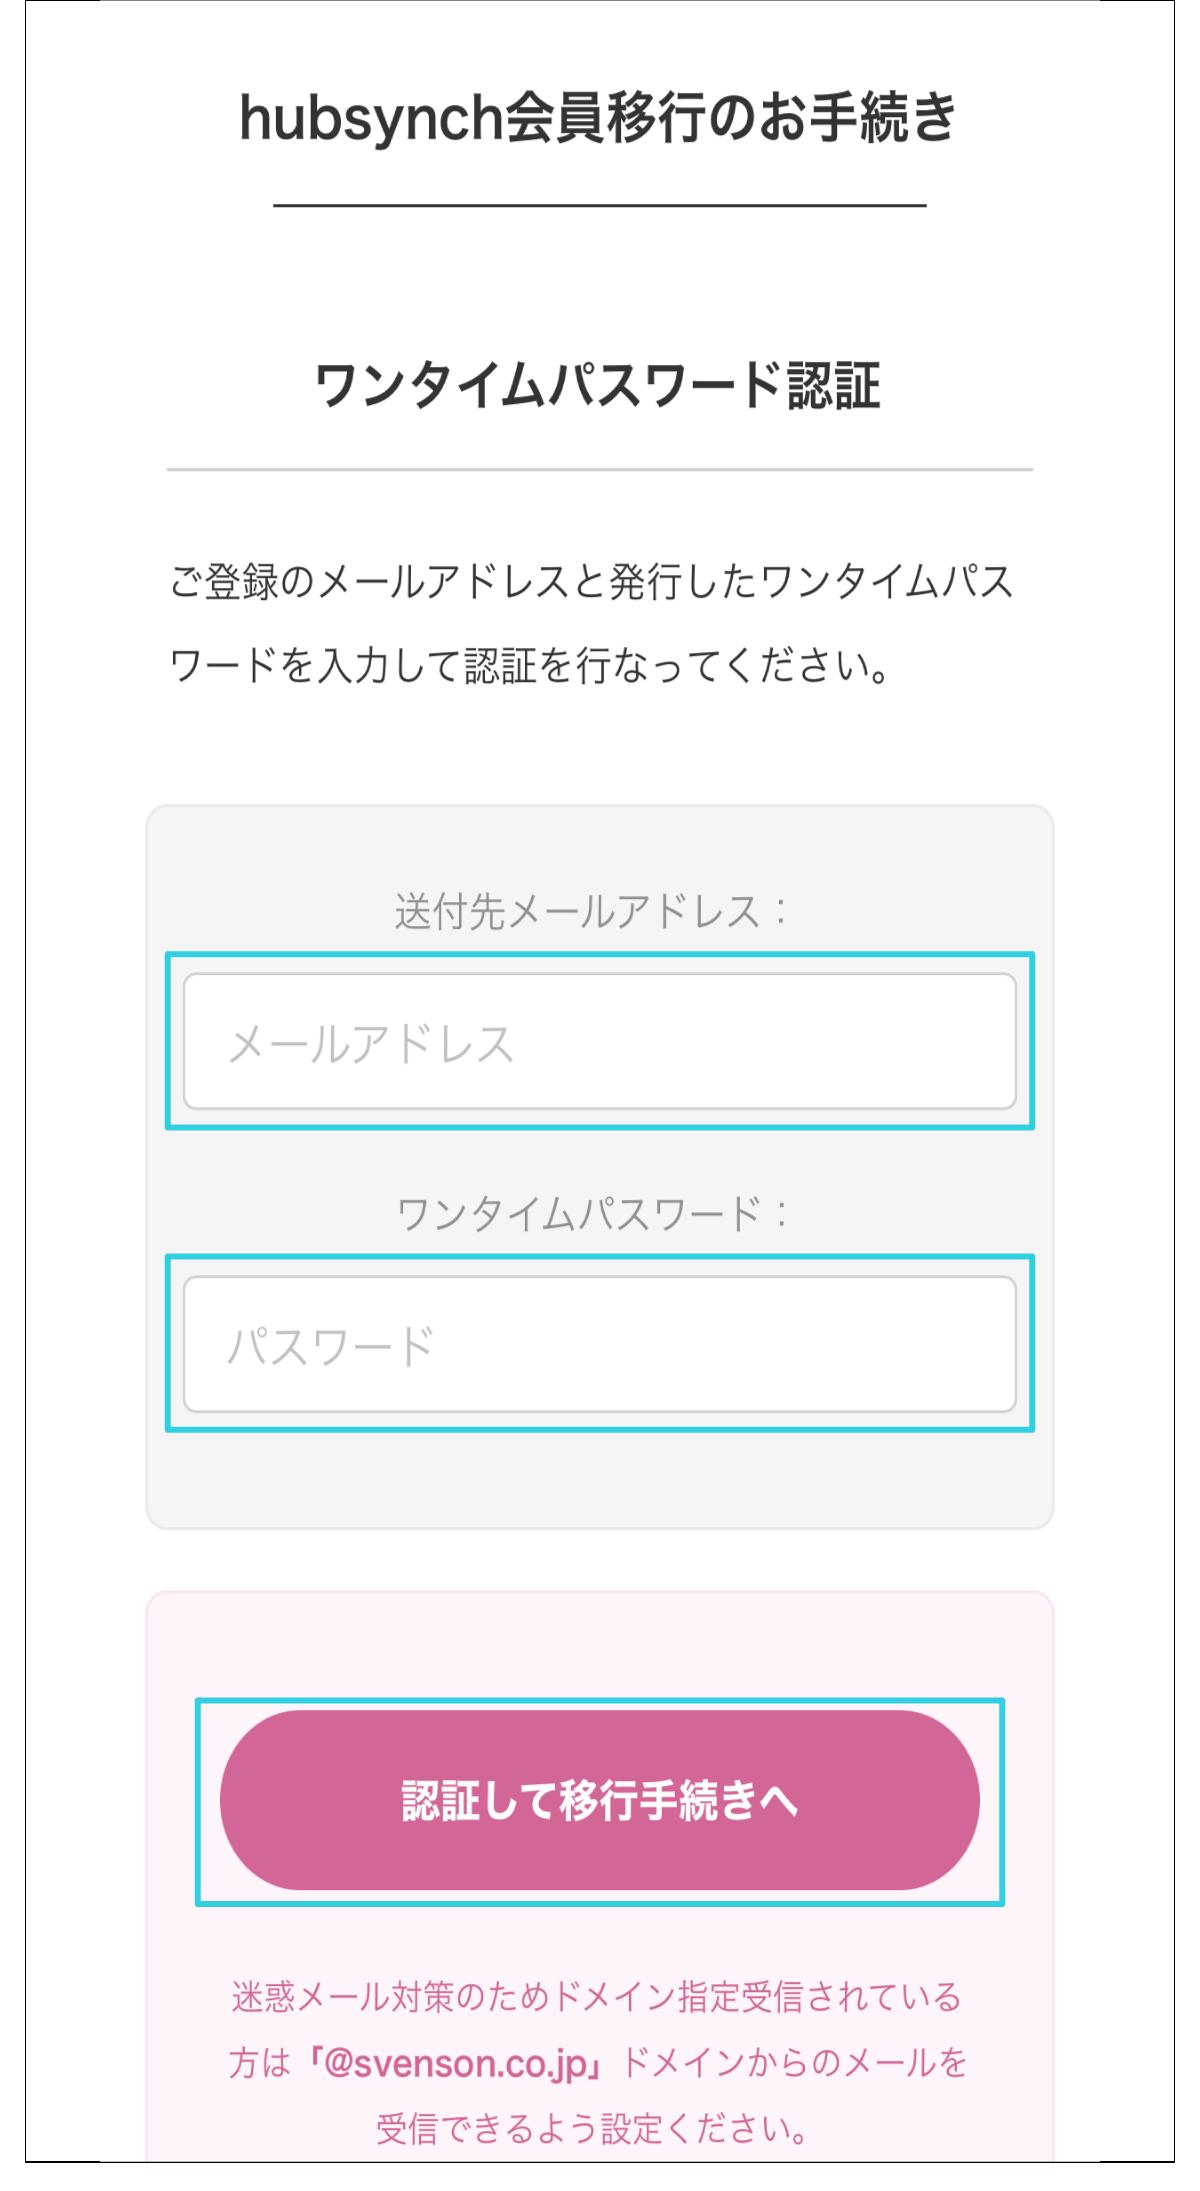 メール記載のURLへ飛び、メールアドレスとワンタイムパスワードを入力します。